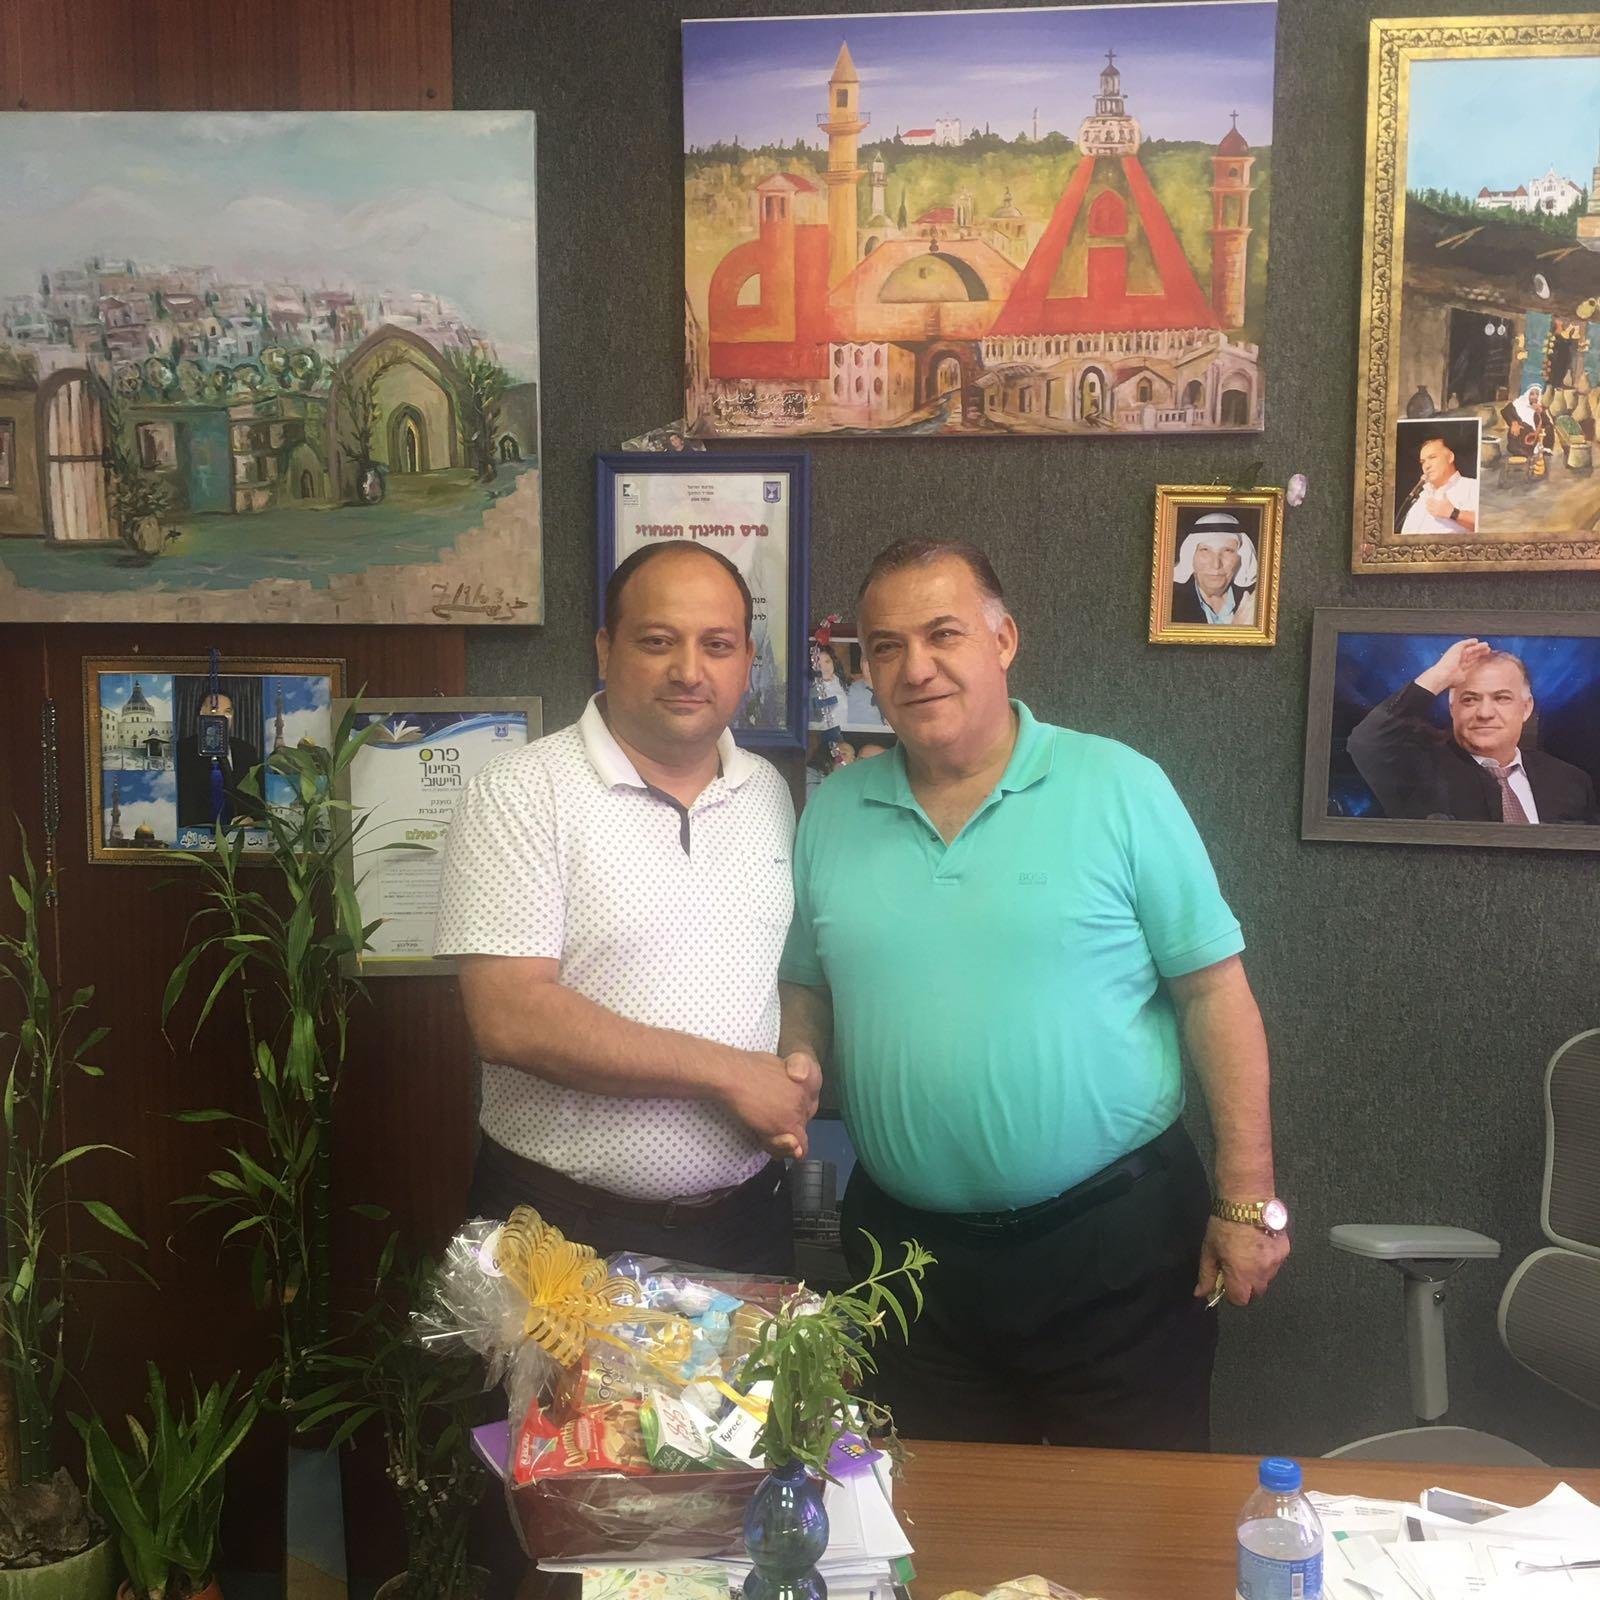 بلدية الناصرة تؤكد: مدرسة القفزة ستفتح أبوابها بشكل عادي مع بداية العام الدراسي